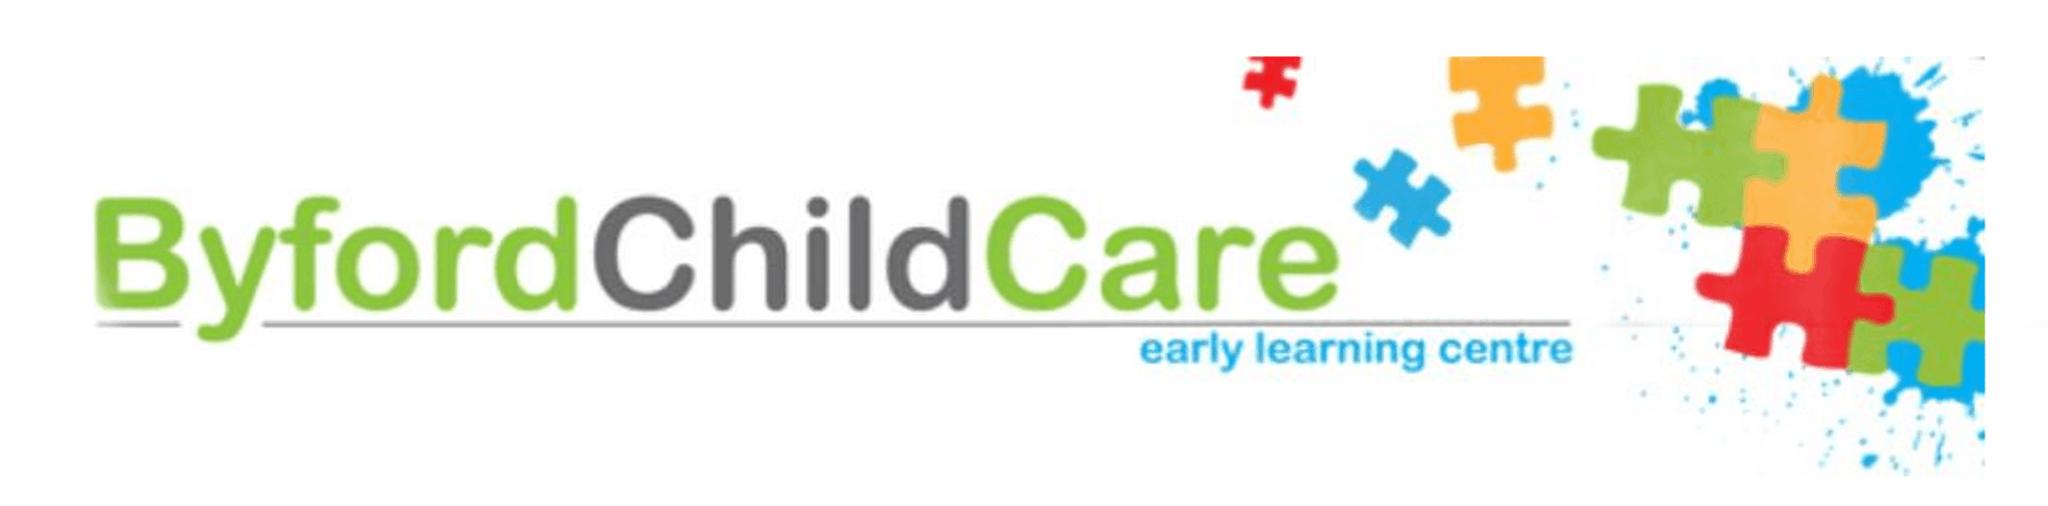 Byford Child Care